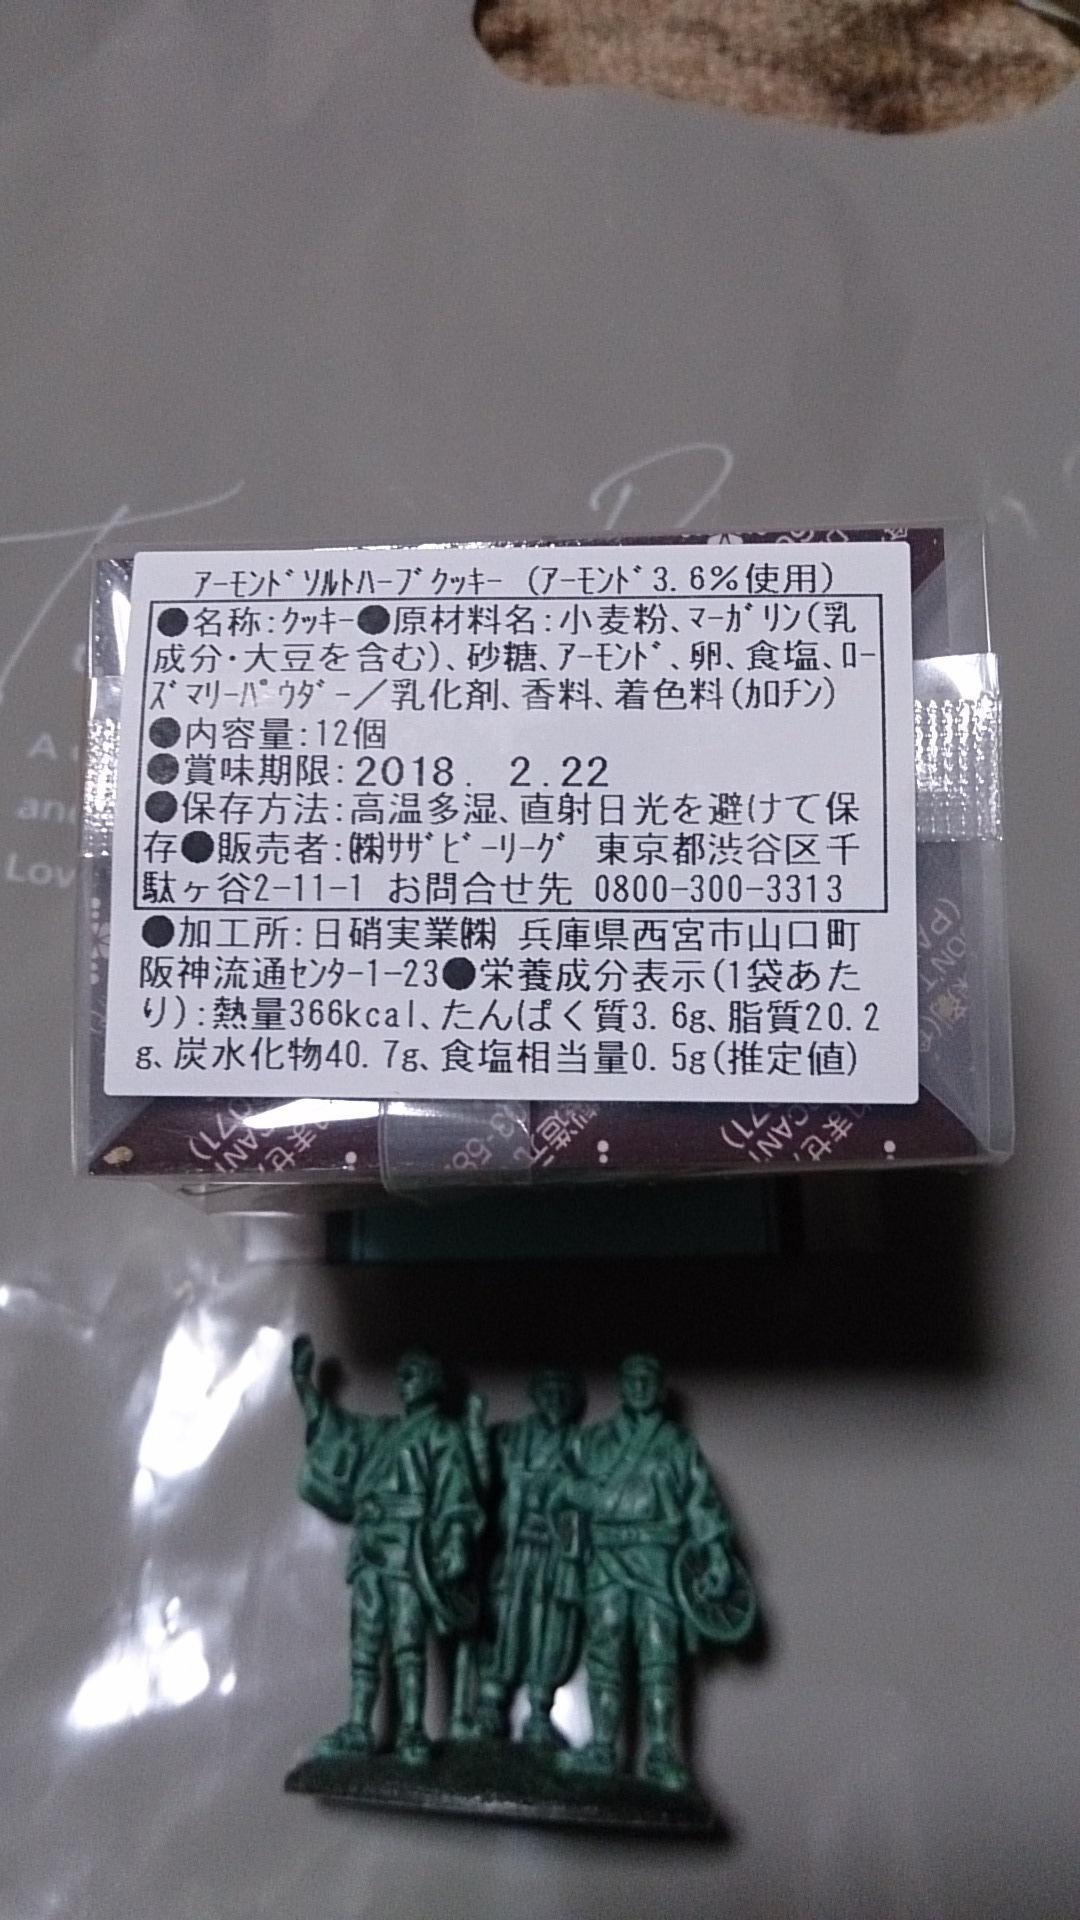 アフタヌーンティー・ティールー 水戸京成百貨店 name=